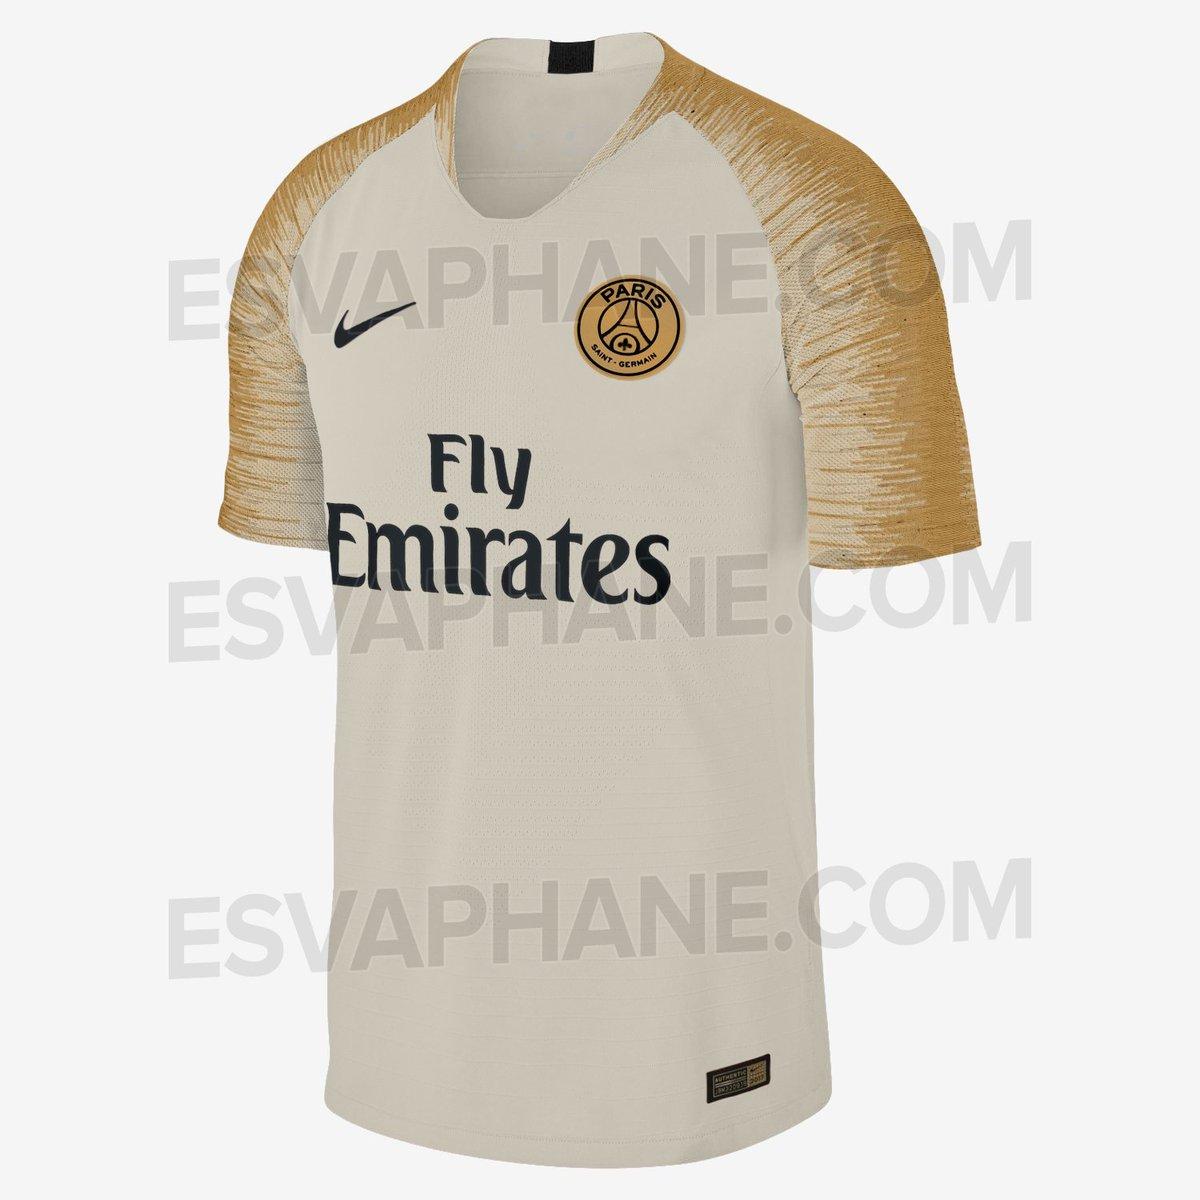 Maillot PSG Exterieur Saison 2018-2019 de couleur beige et or